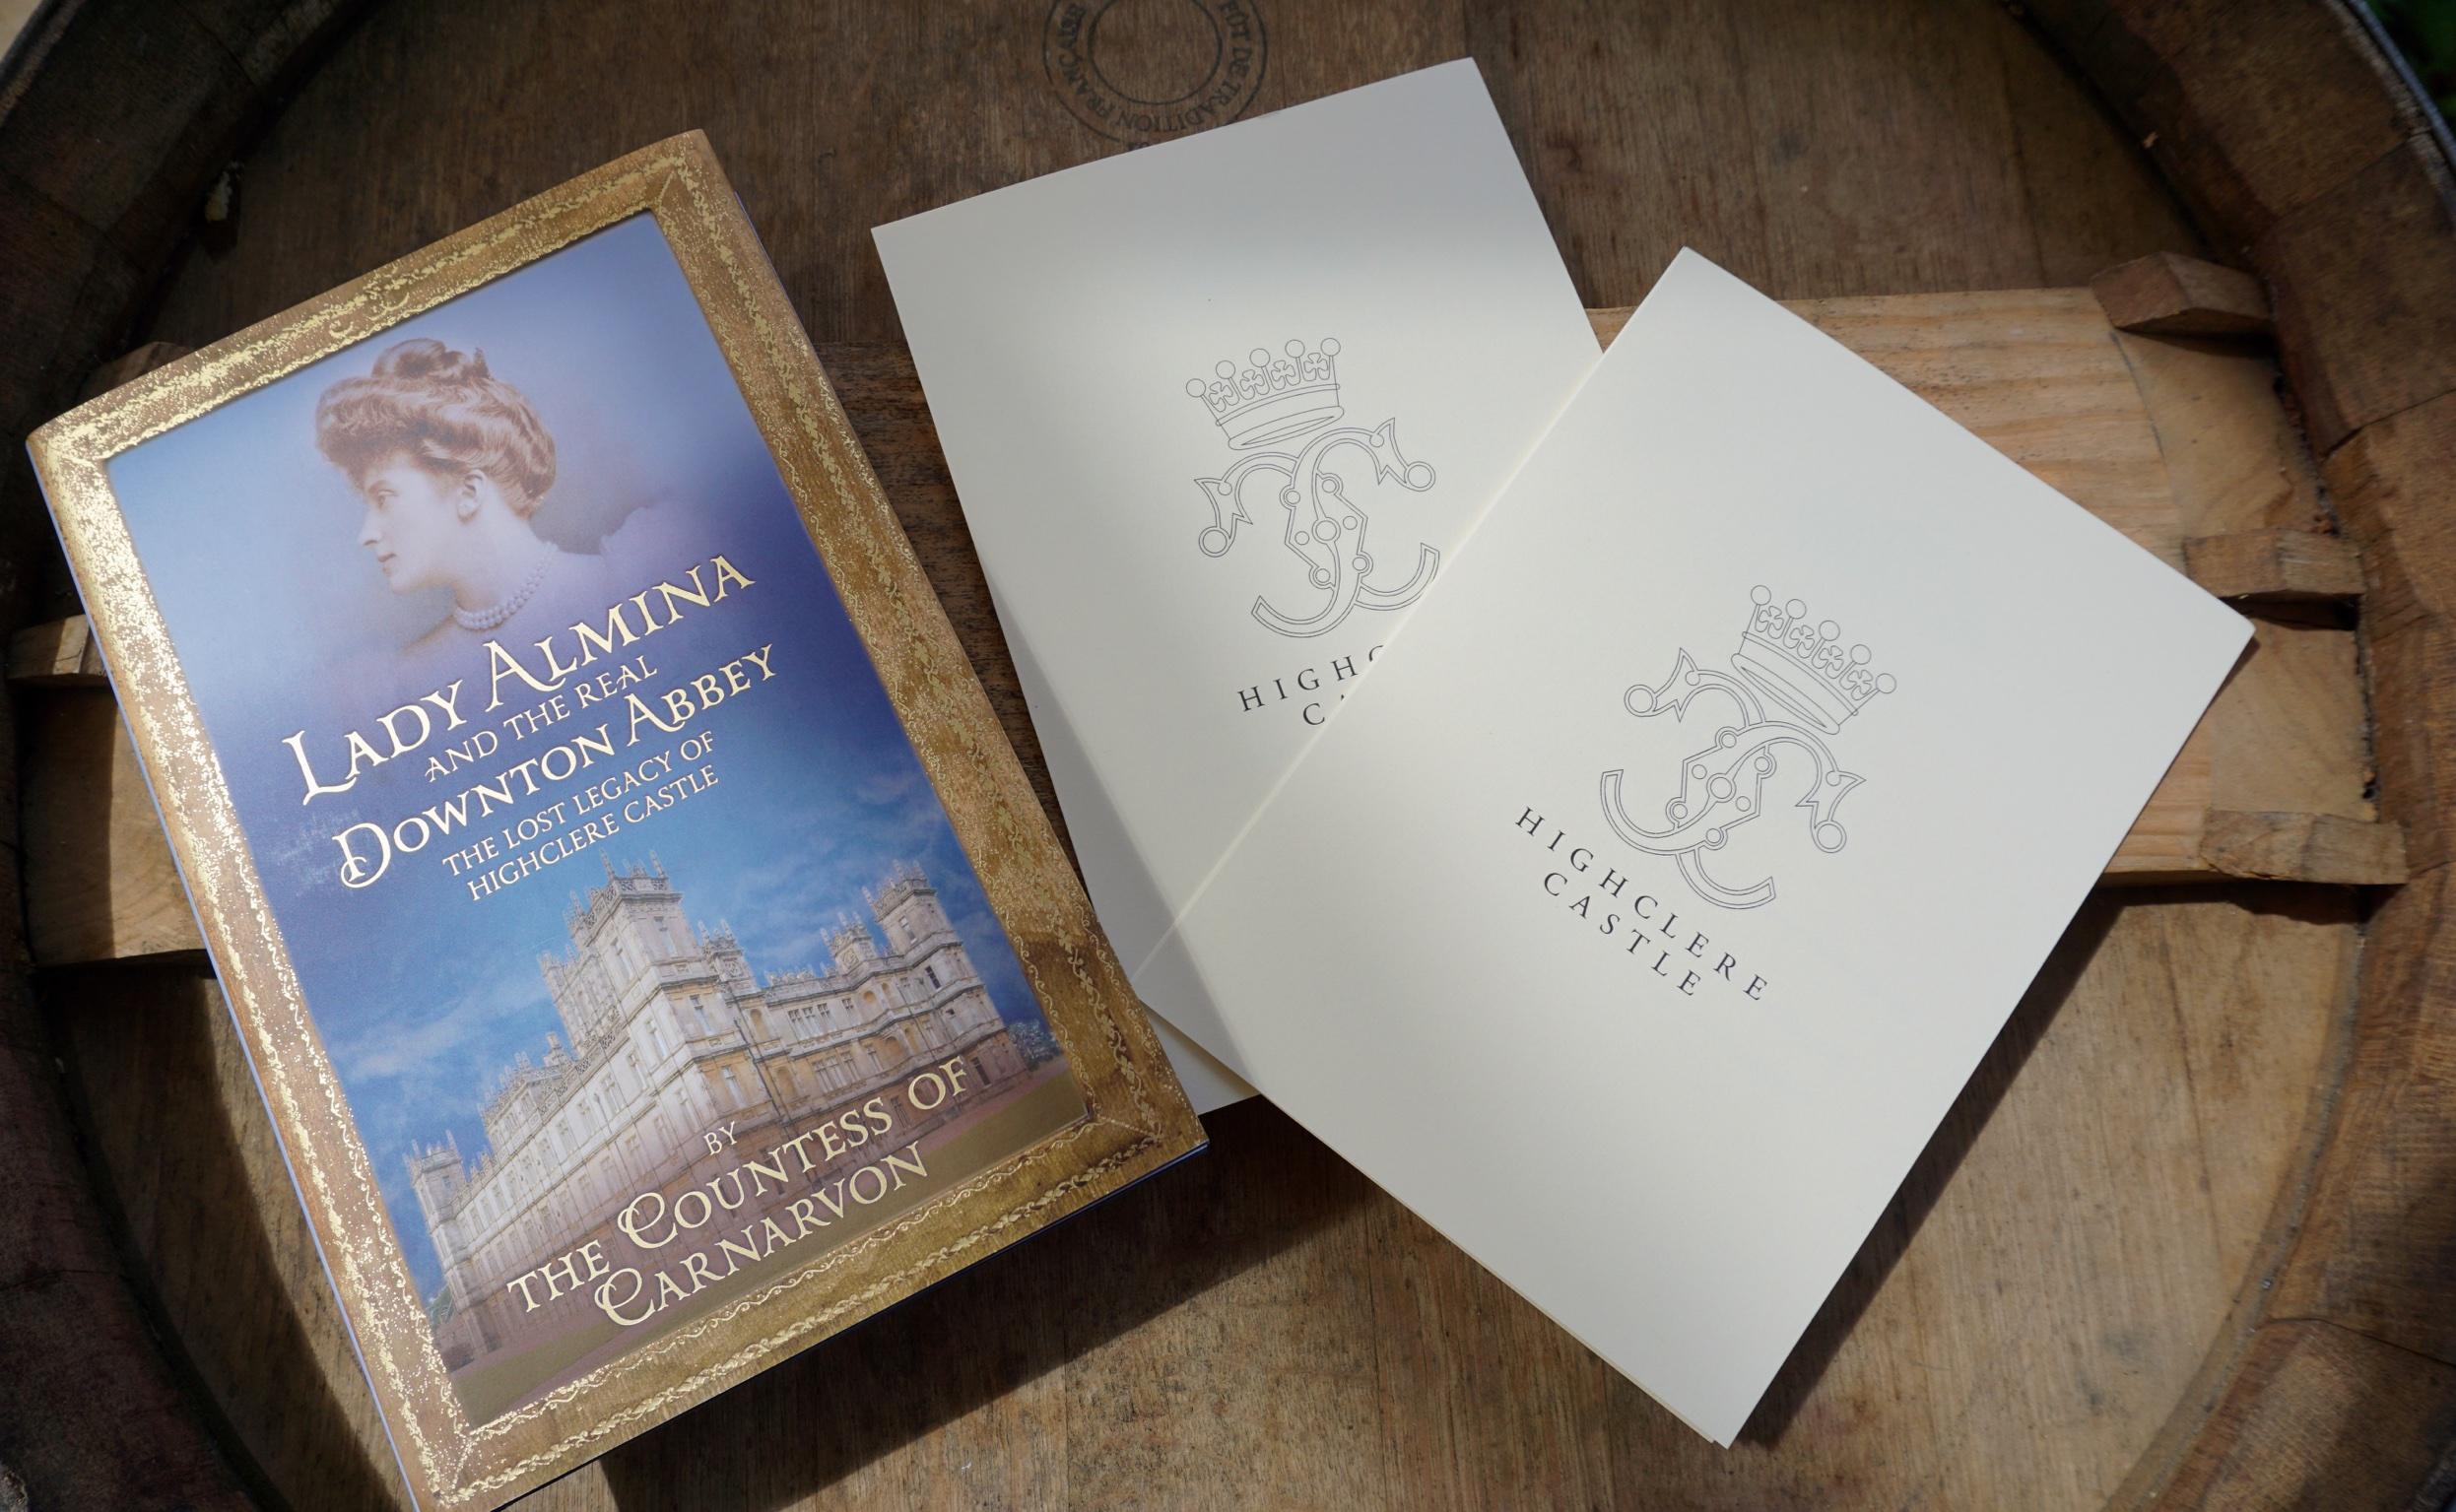 Eintrittskarten zu Highclere Castle und die Biographie von Lady Almina.